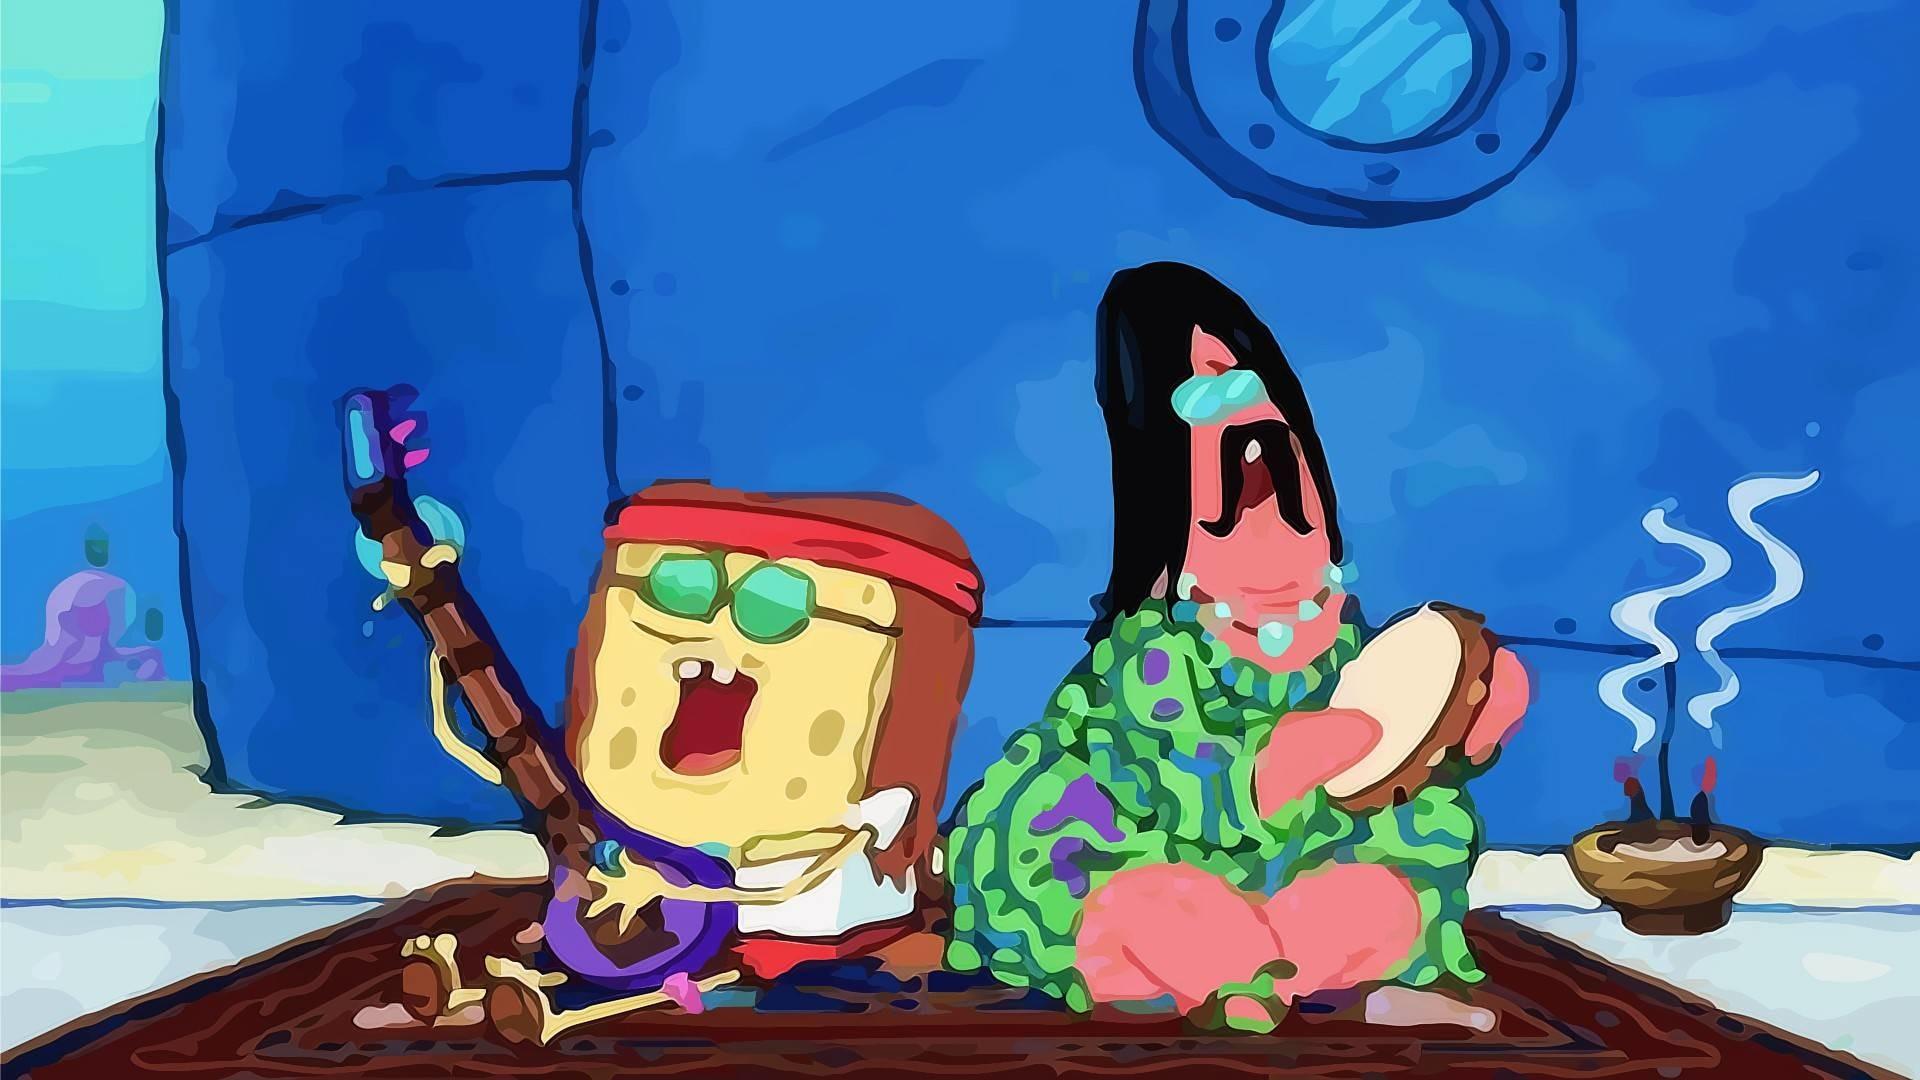 15 HD SpongeBob Squarepants Desktop Wallpapers For Free Download